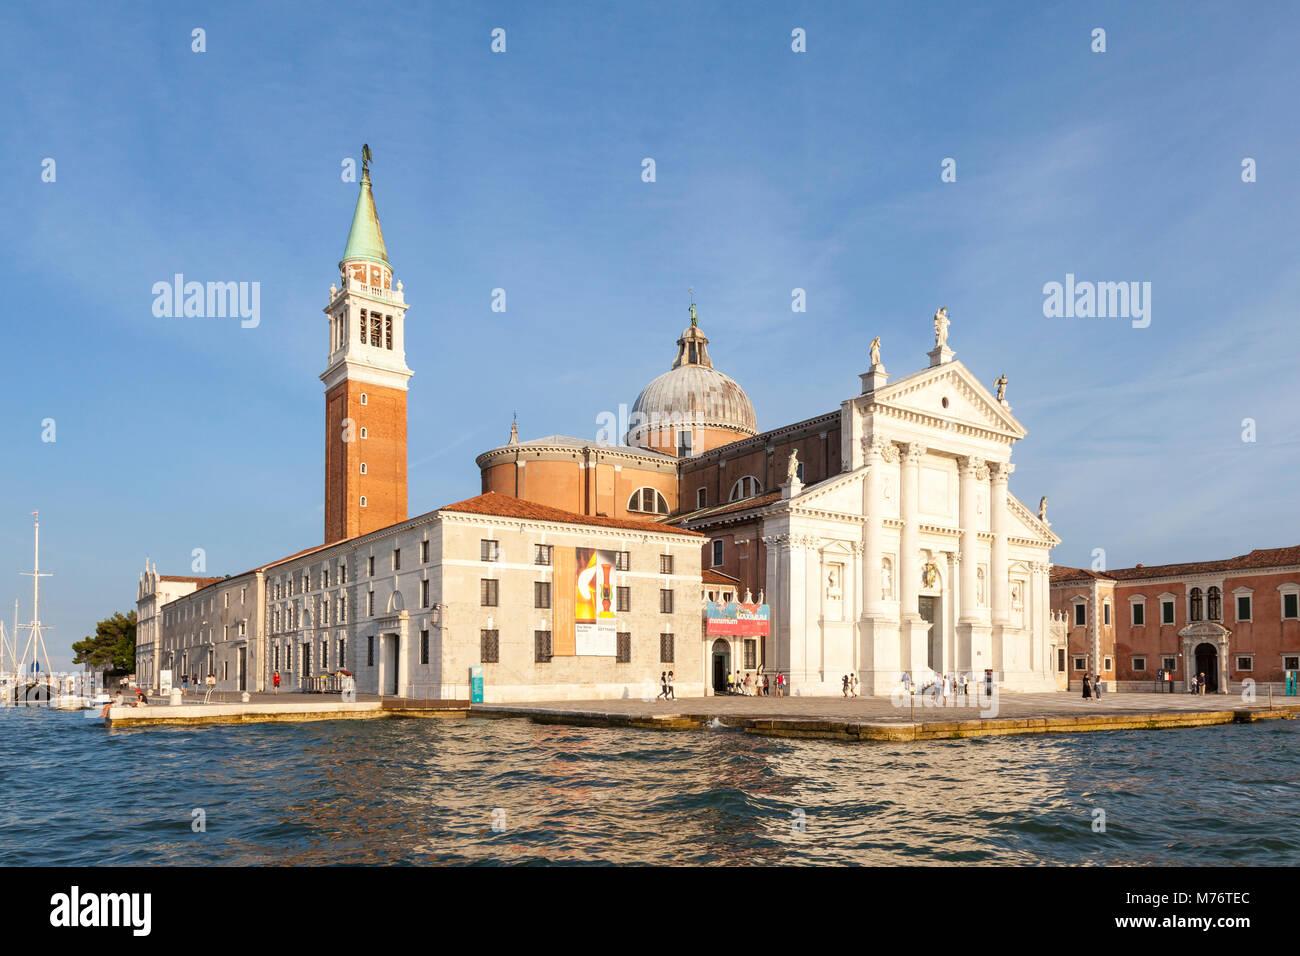 Isola di San Giorgio Maggiore bei Sonnenuntergang, Venedig, Venetien, Italien mit den San Maggiore Kirche von Palladio und Benediktinerkloster aus dem G Stockfoto